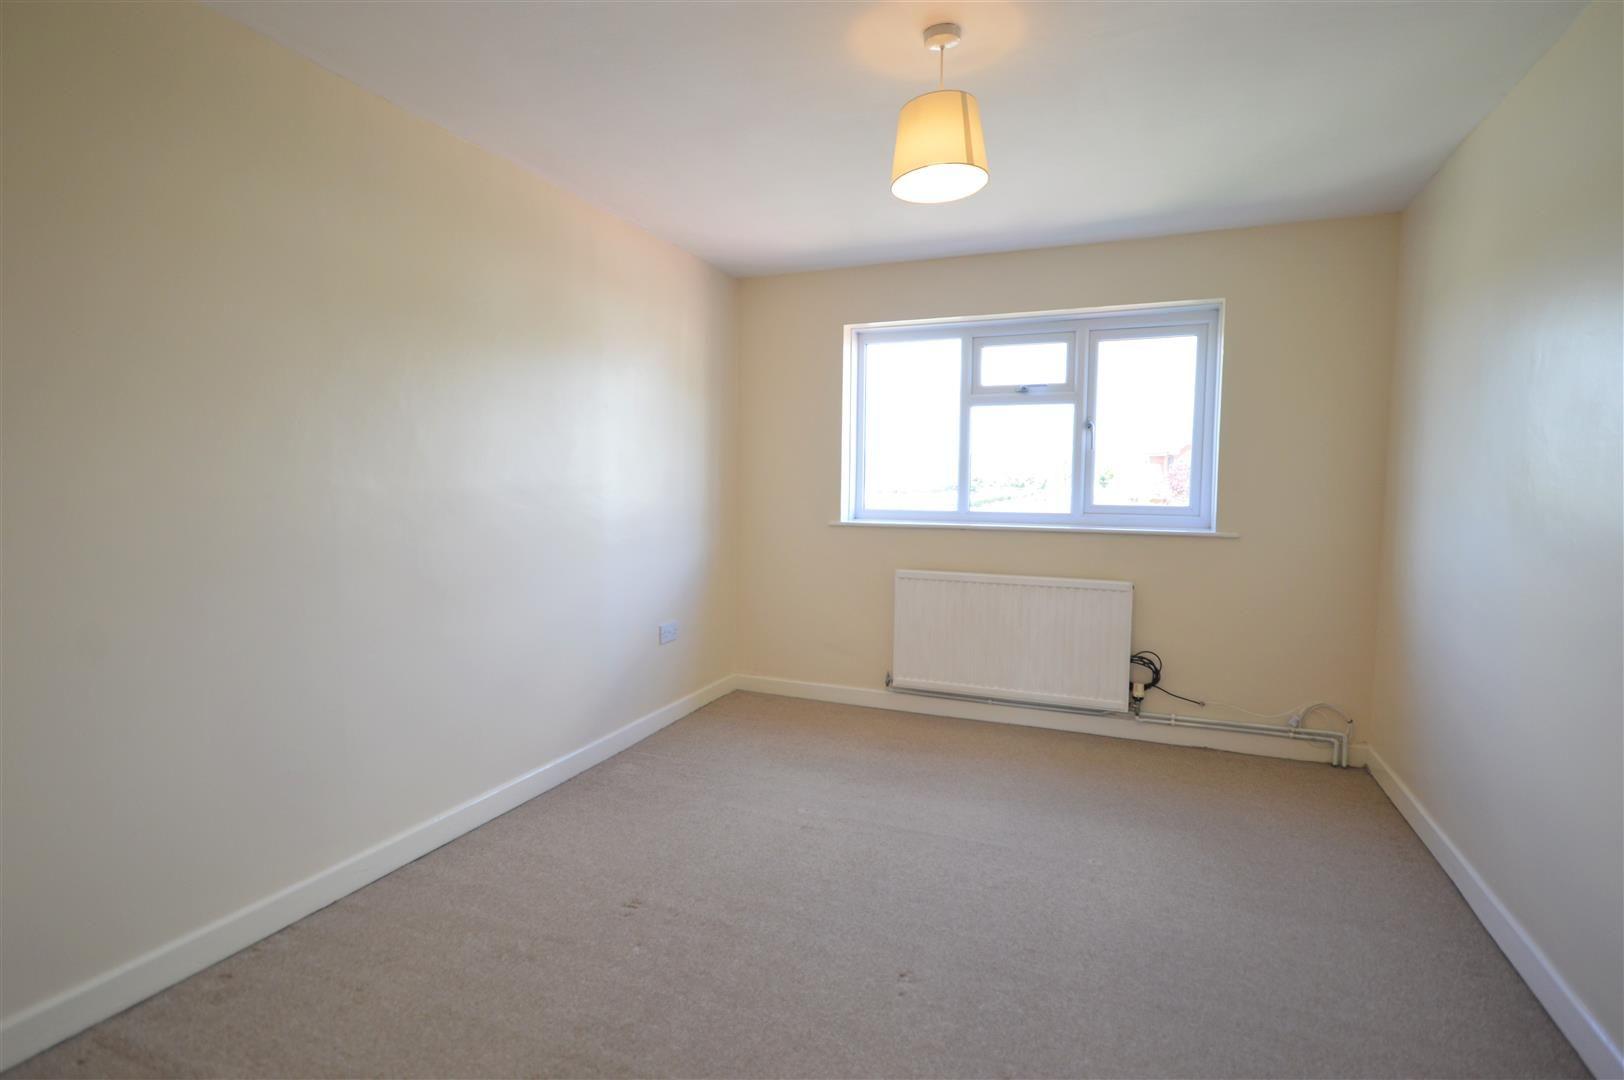 2 bed semi-detached for sale in Kingsland  - Property Image 6